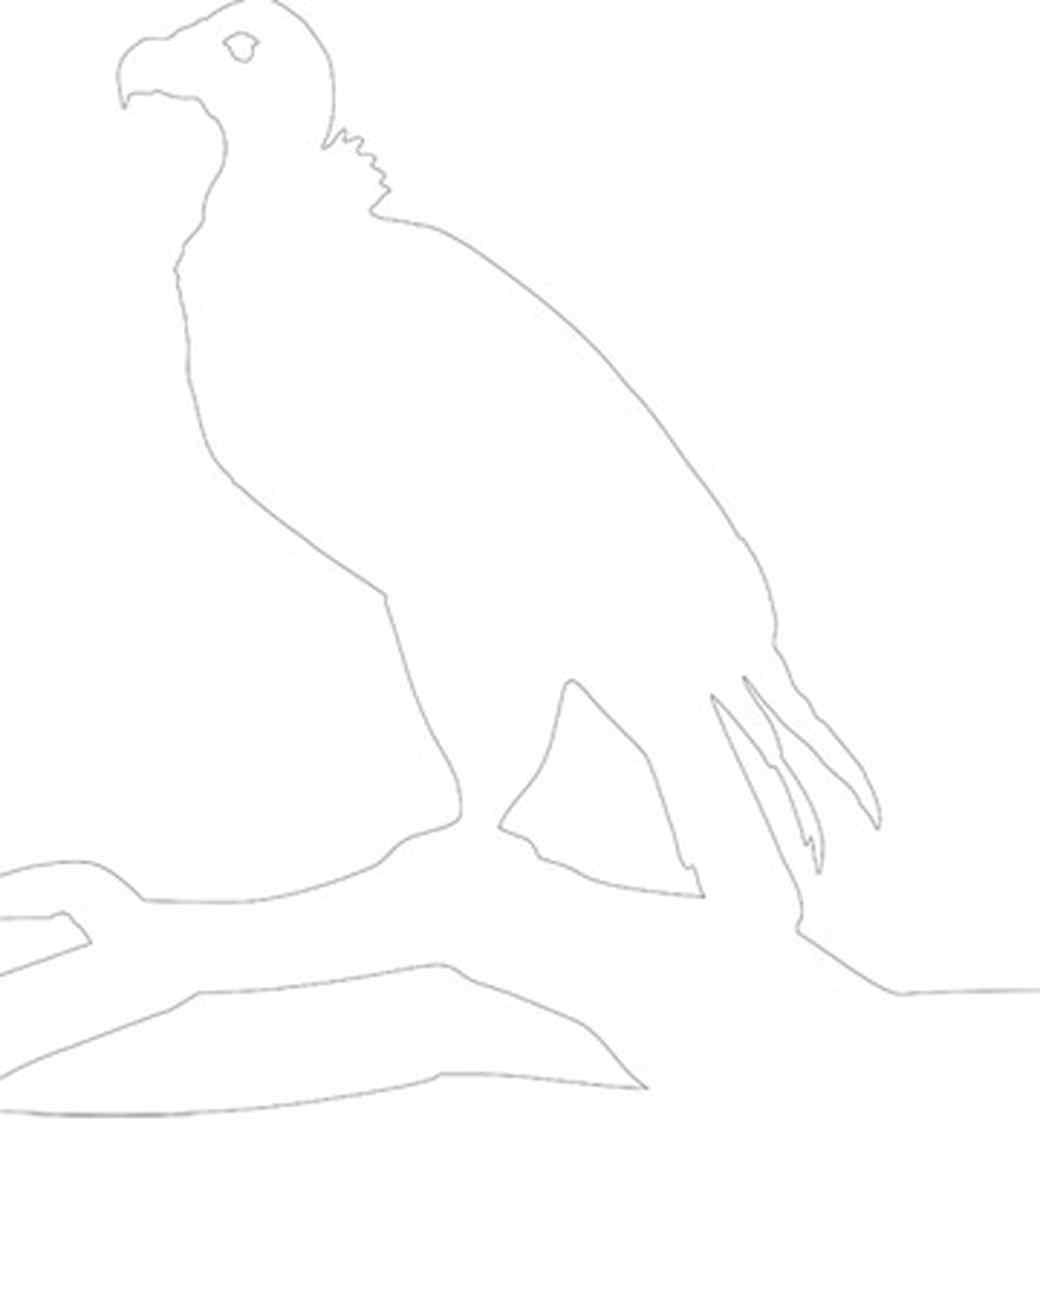 msl_1008_bird.jpg